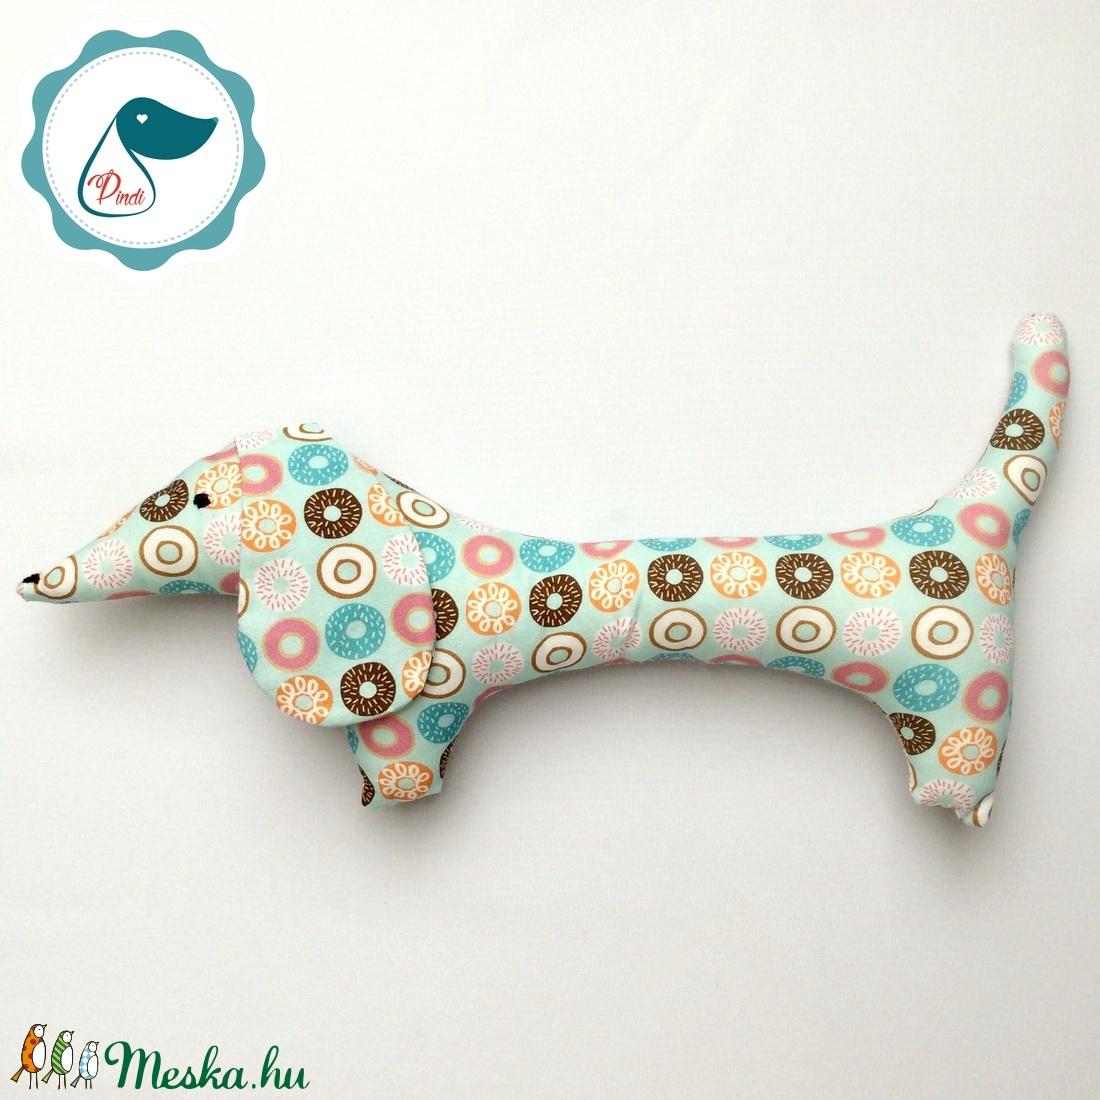 Tacskó - fánk mintás egyedi tervezésű kézműves játék - textiljáték - tacsi kutya - gyerek játék - játék & gyerek - plüssállat & játékfigura - kutya - Meska.hu